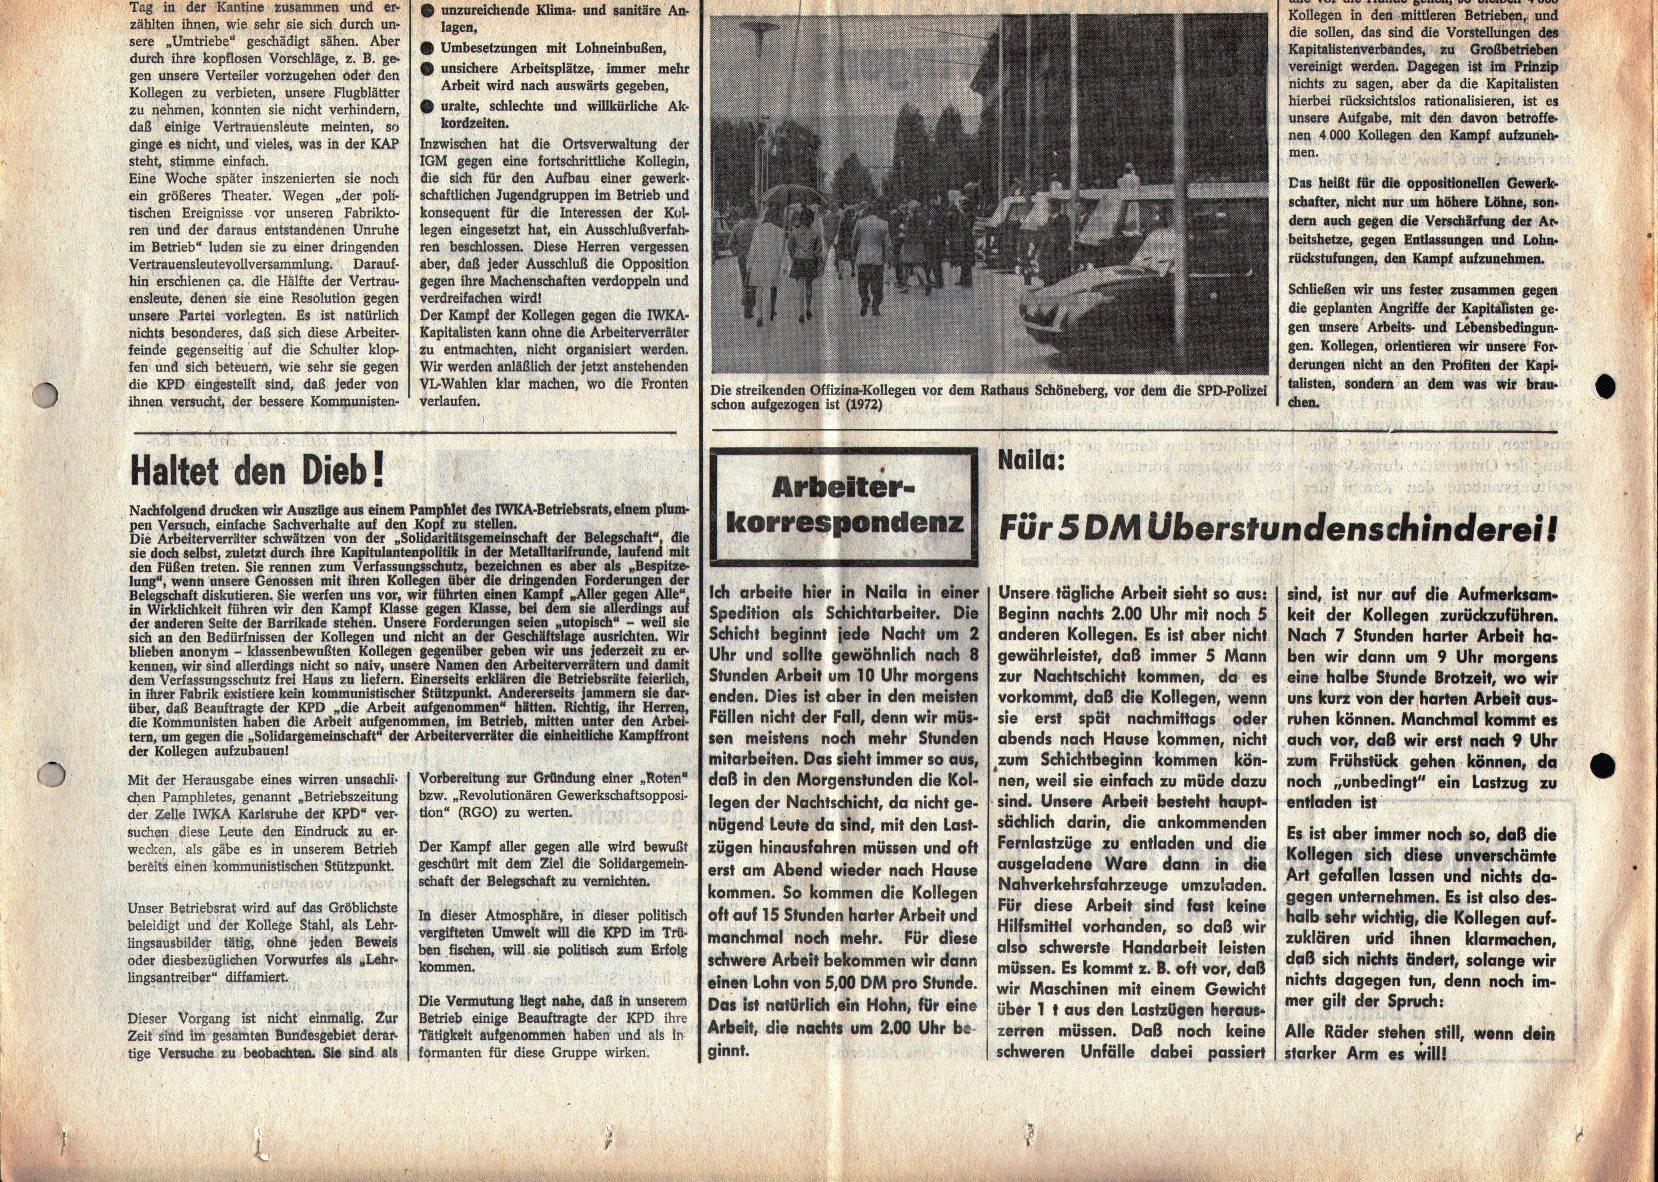 KPD_Rote_Fahne_1973_08_08